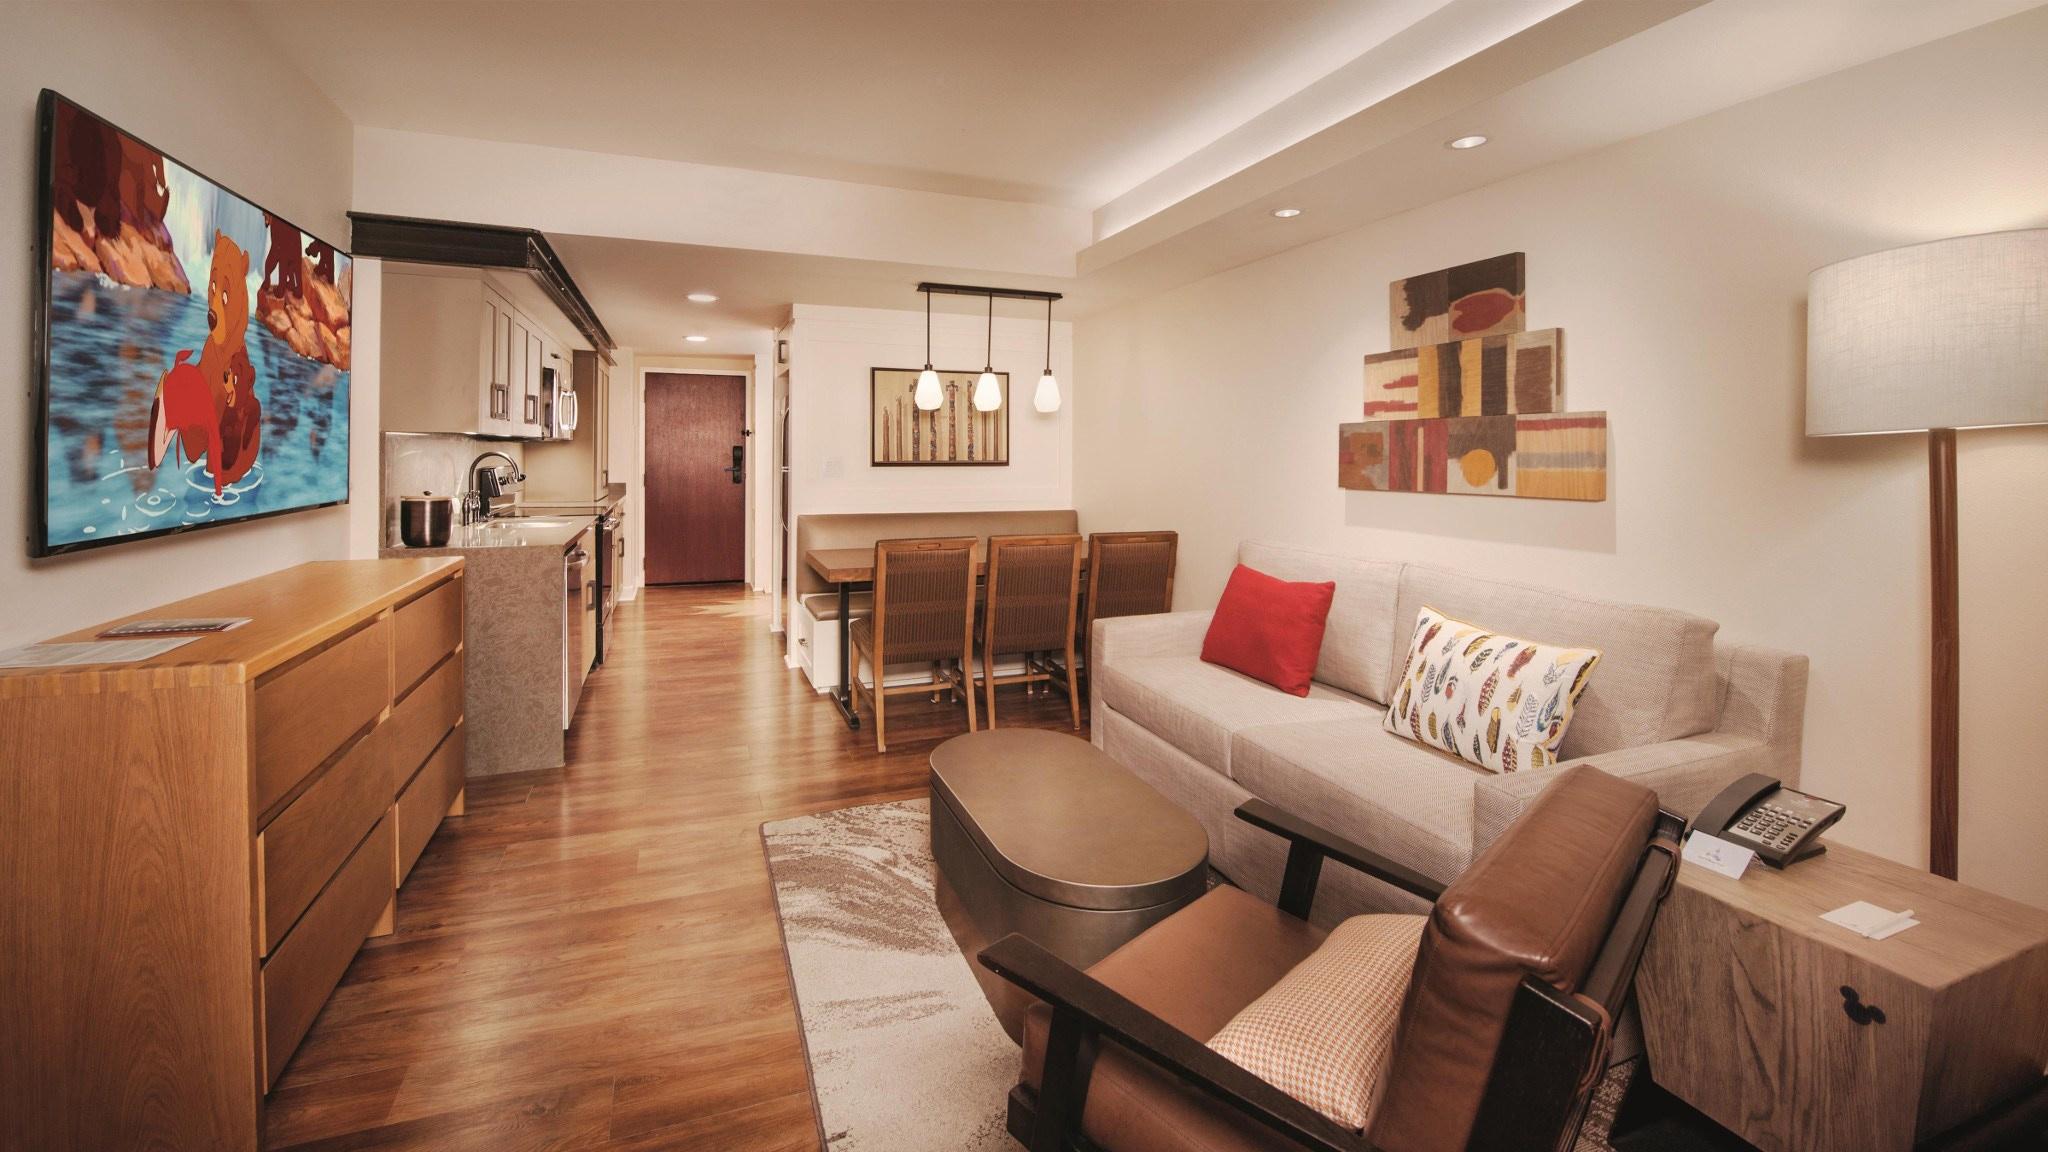 Rooms & Points  Copper Creek Villas & Cabins  Disney Vacation Club